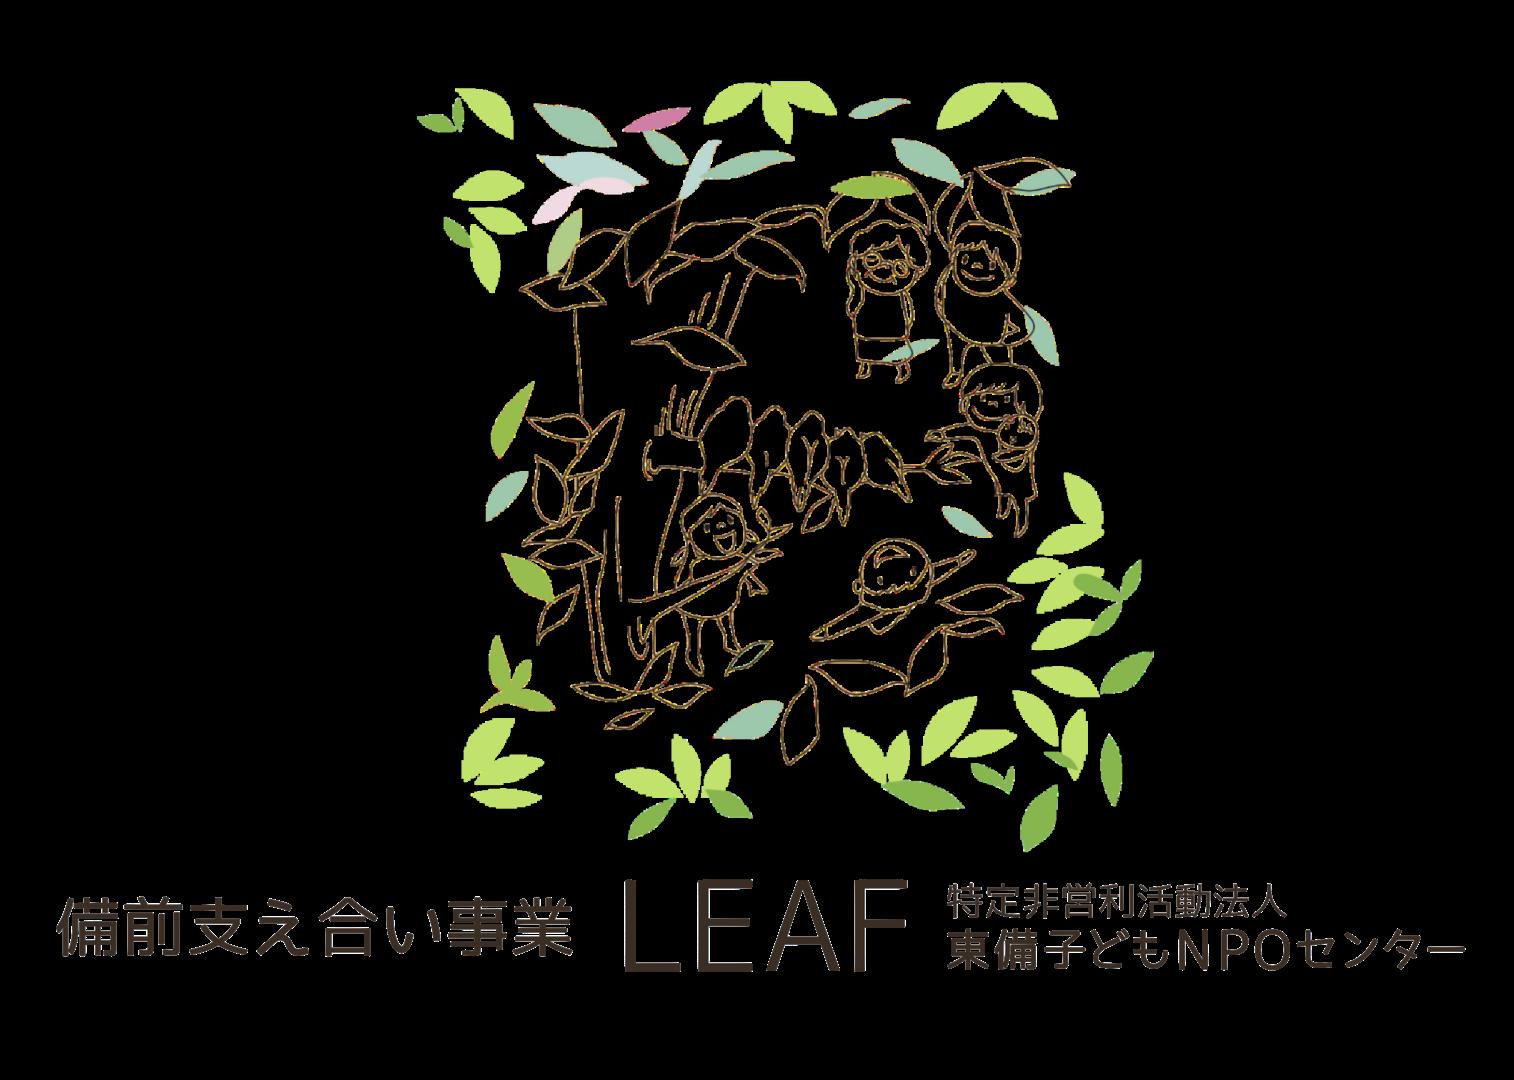 LEAF(リーフ) あなたの力をまちに!備前支え合い事業